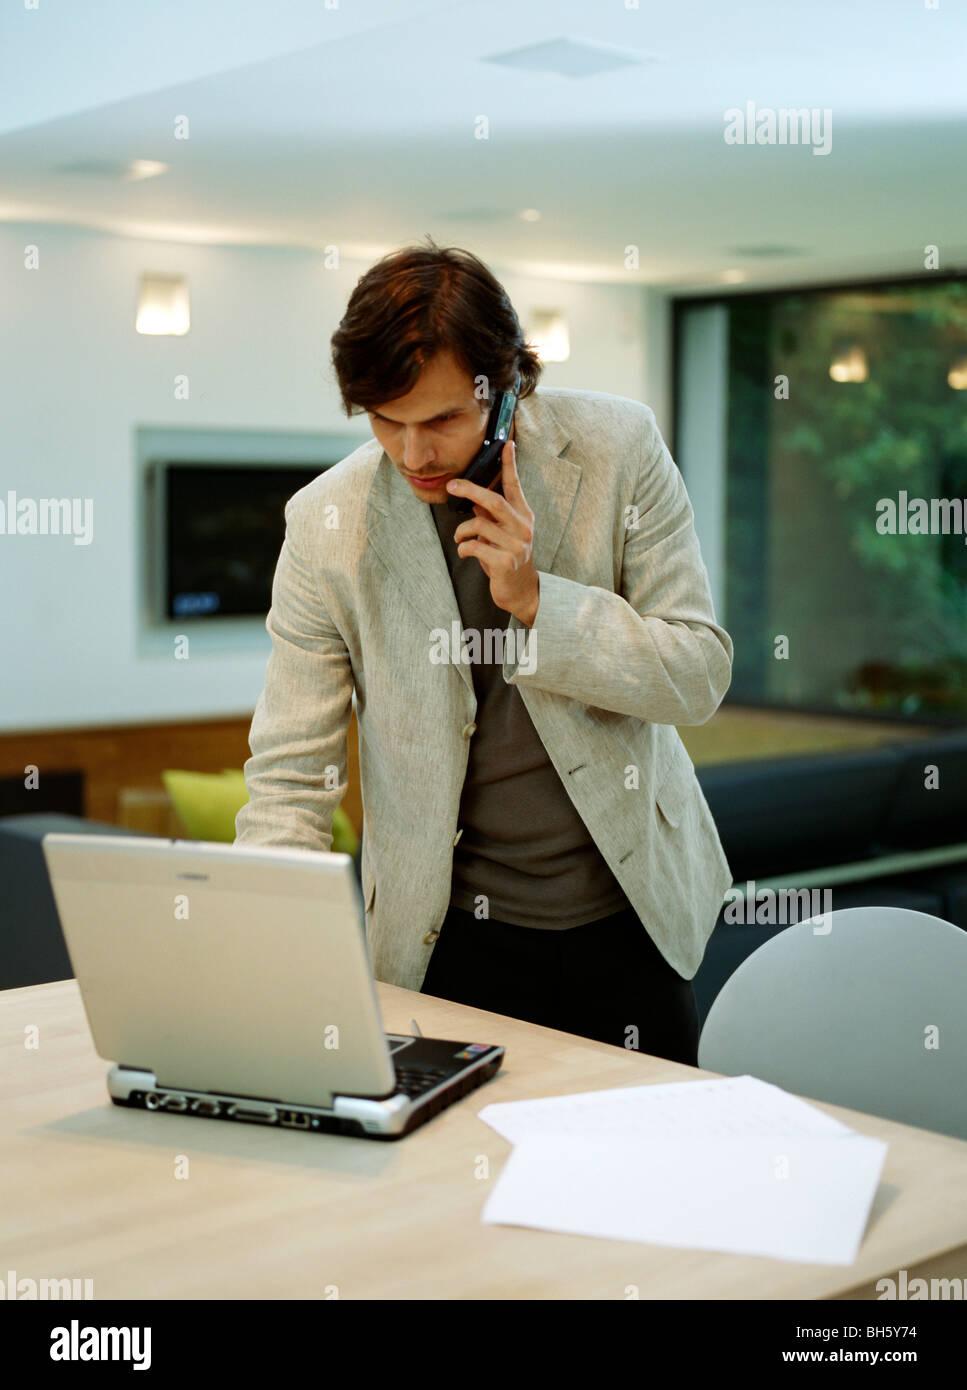 Ein junger trendigen Mann arbeitet von zu Hause Stockbild